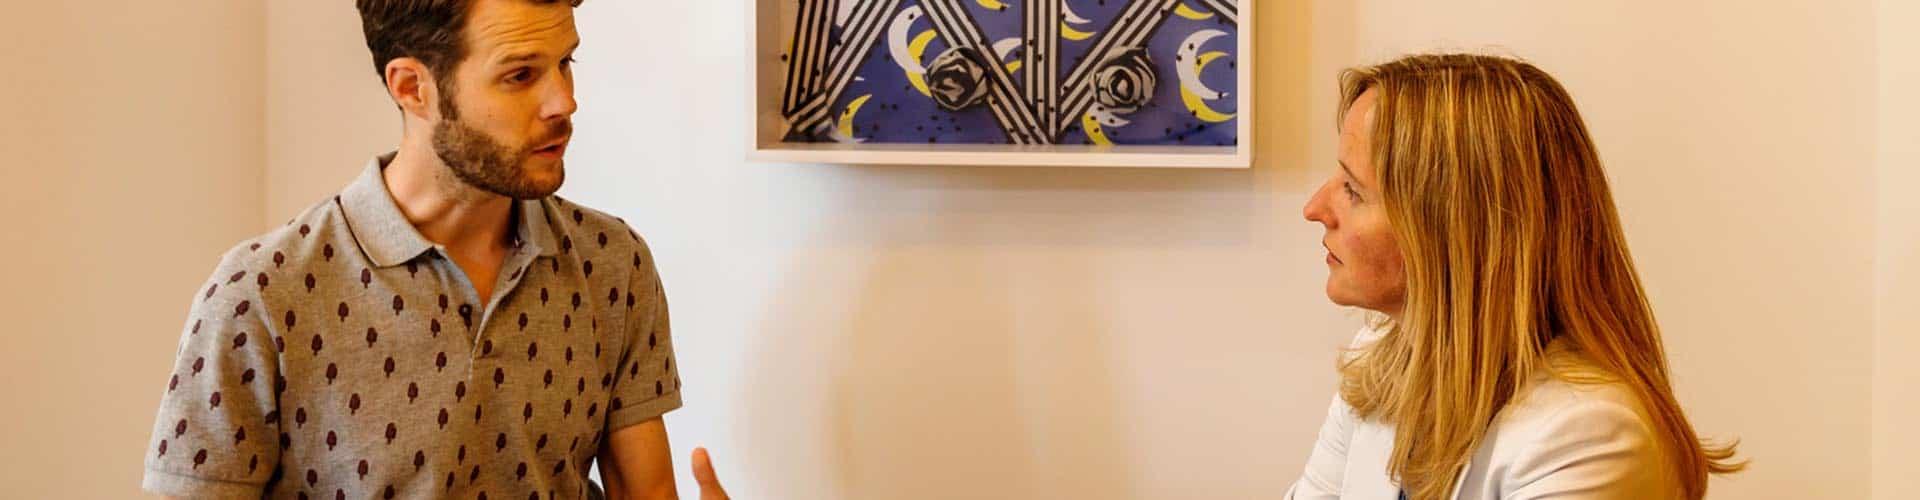 gesprek schilderij